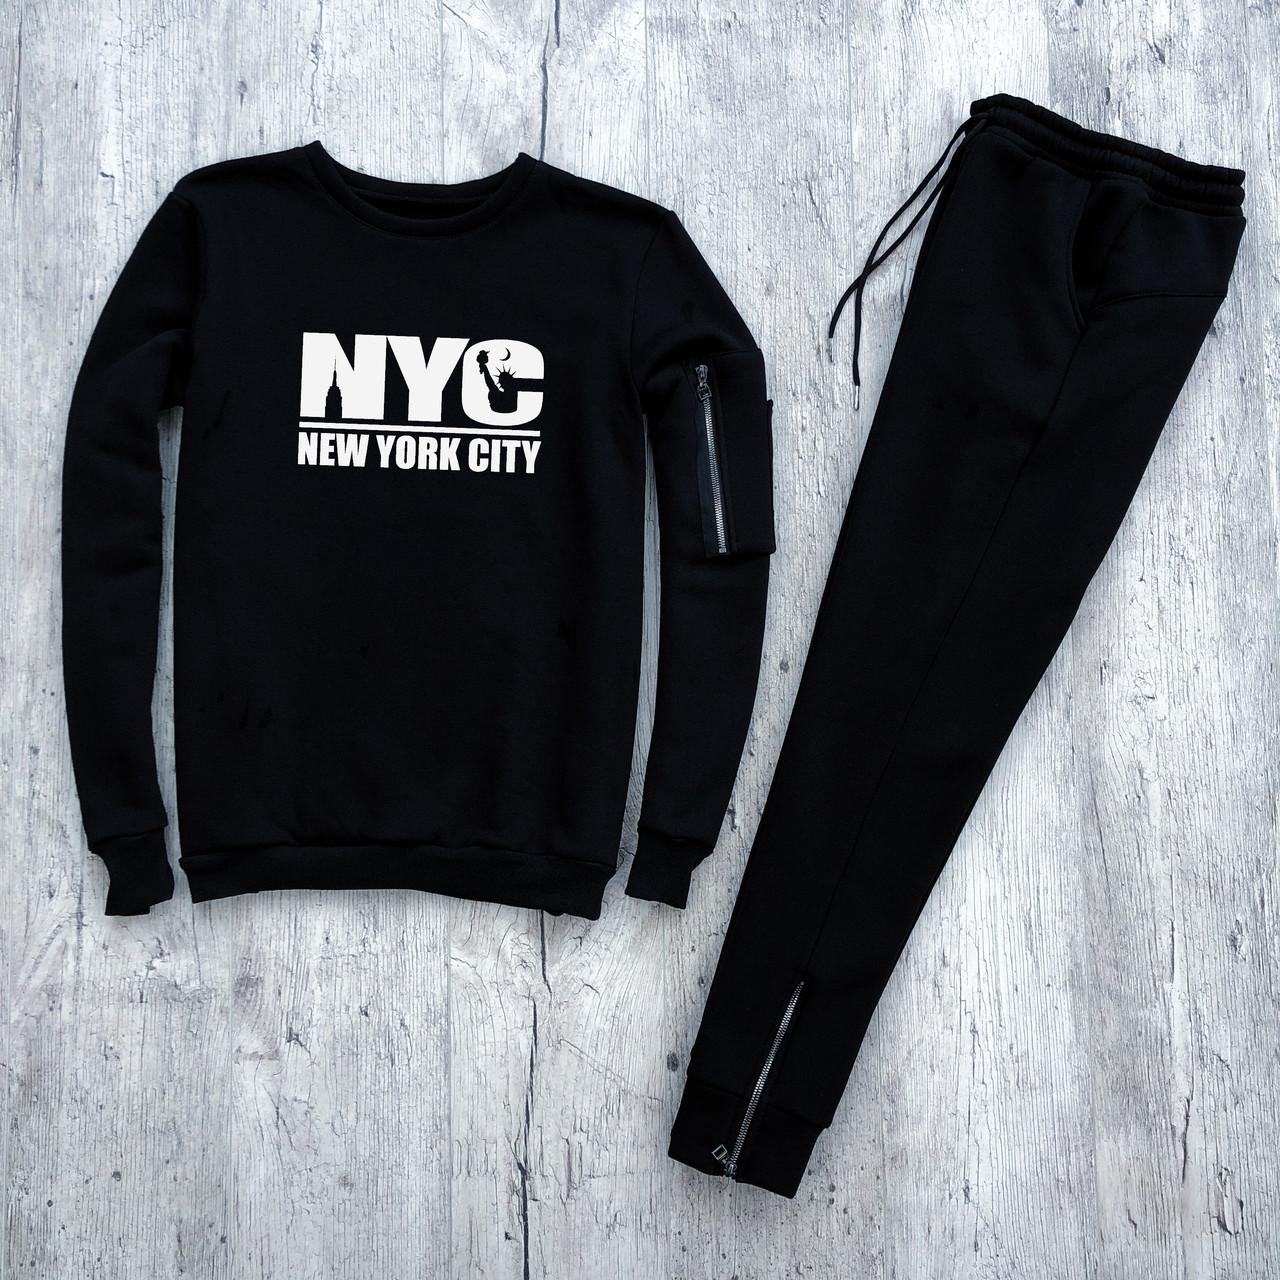 Мужской костюм с замочками New York City